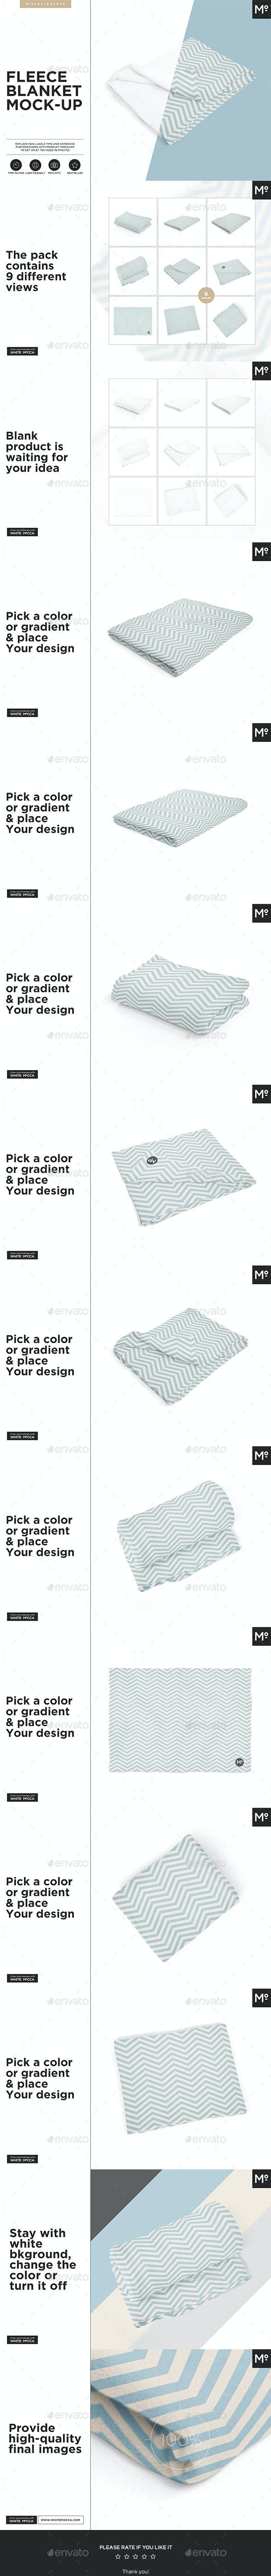 Fleece Blanket Mock-up - Miscellaneous Product Mock-Ups